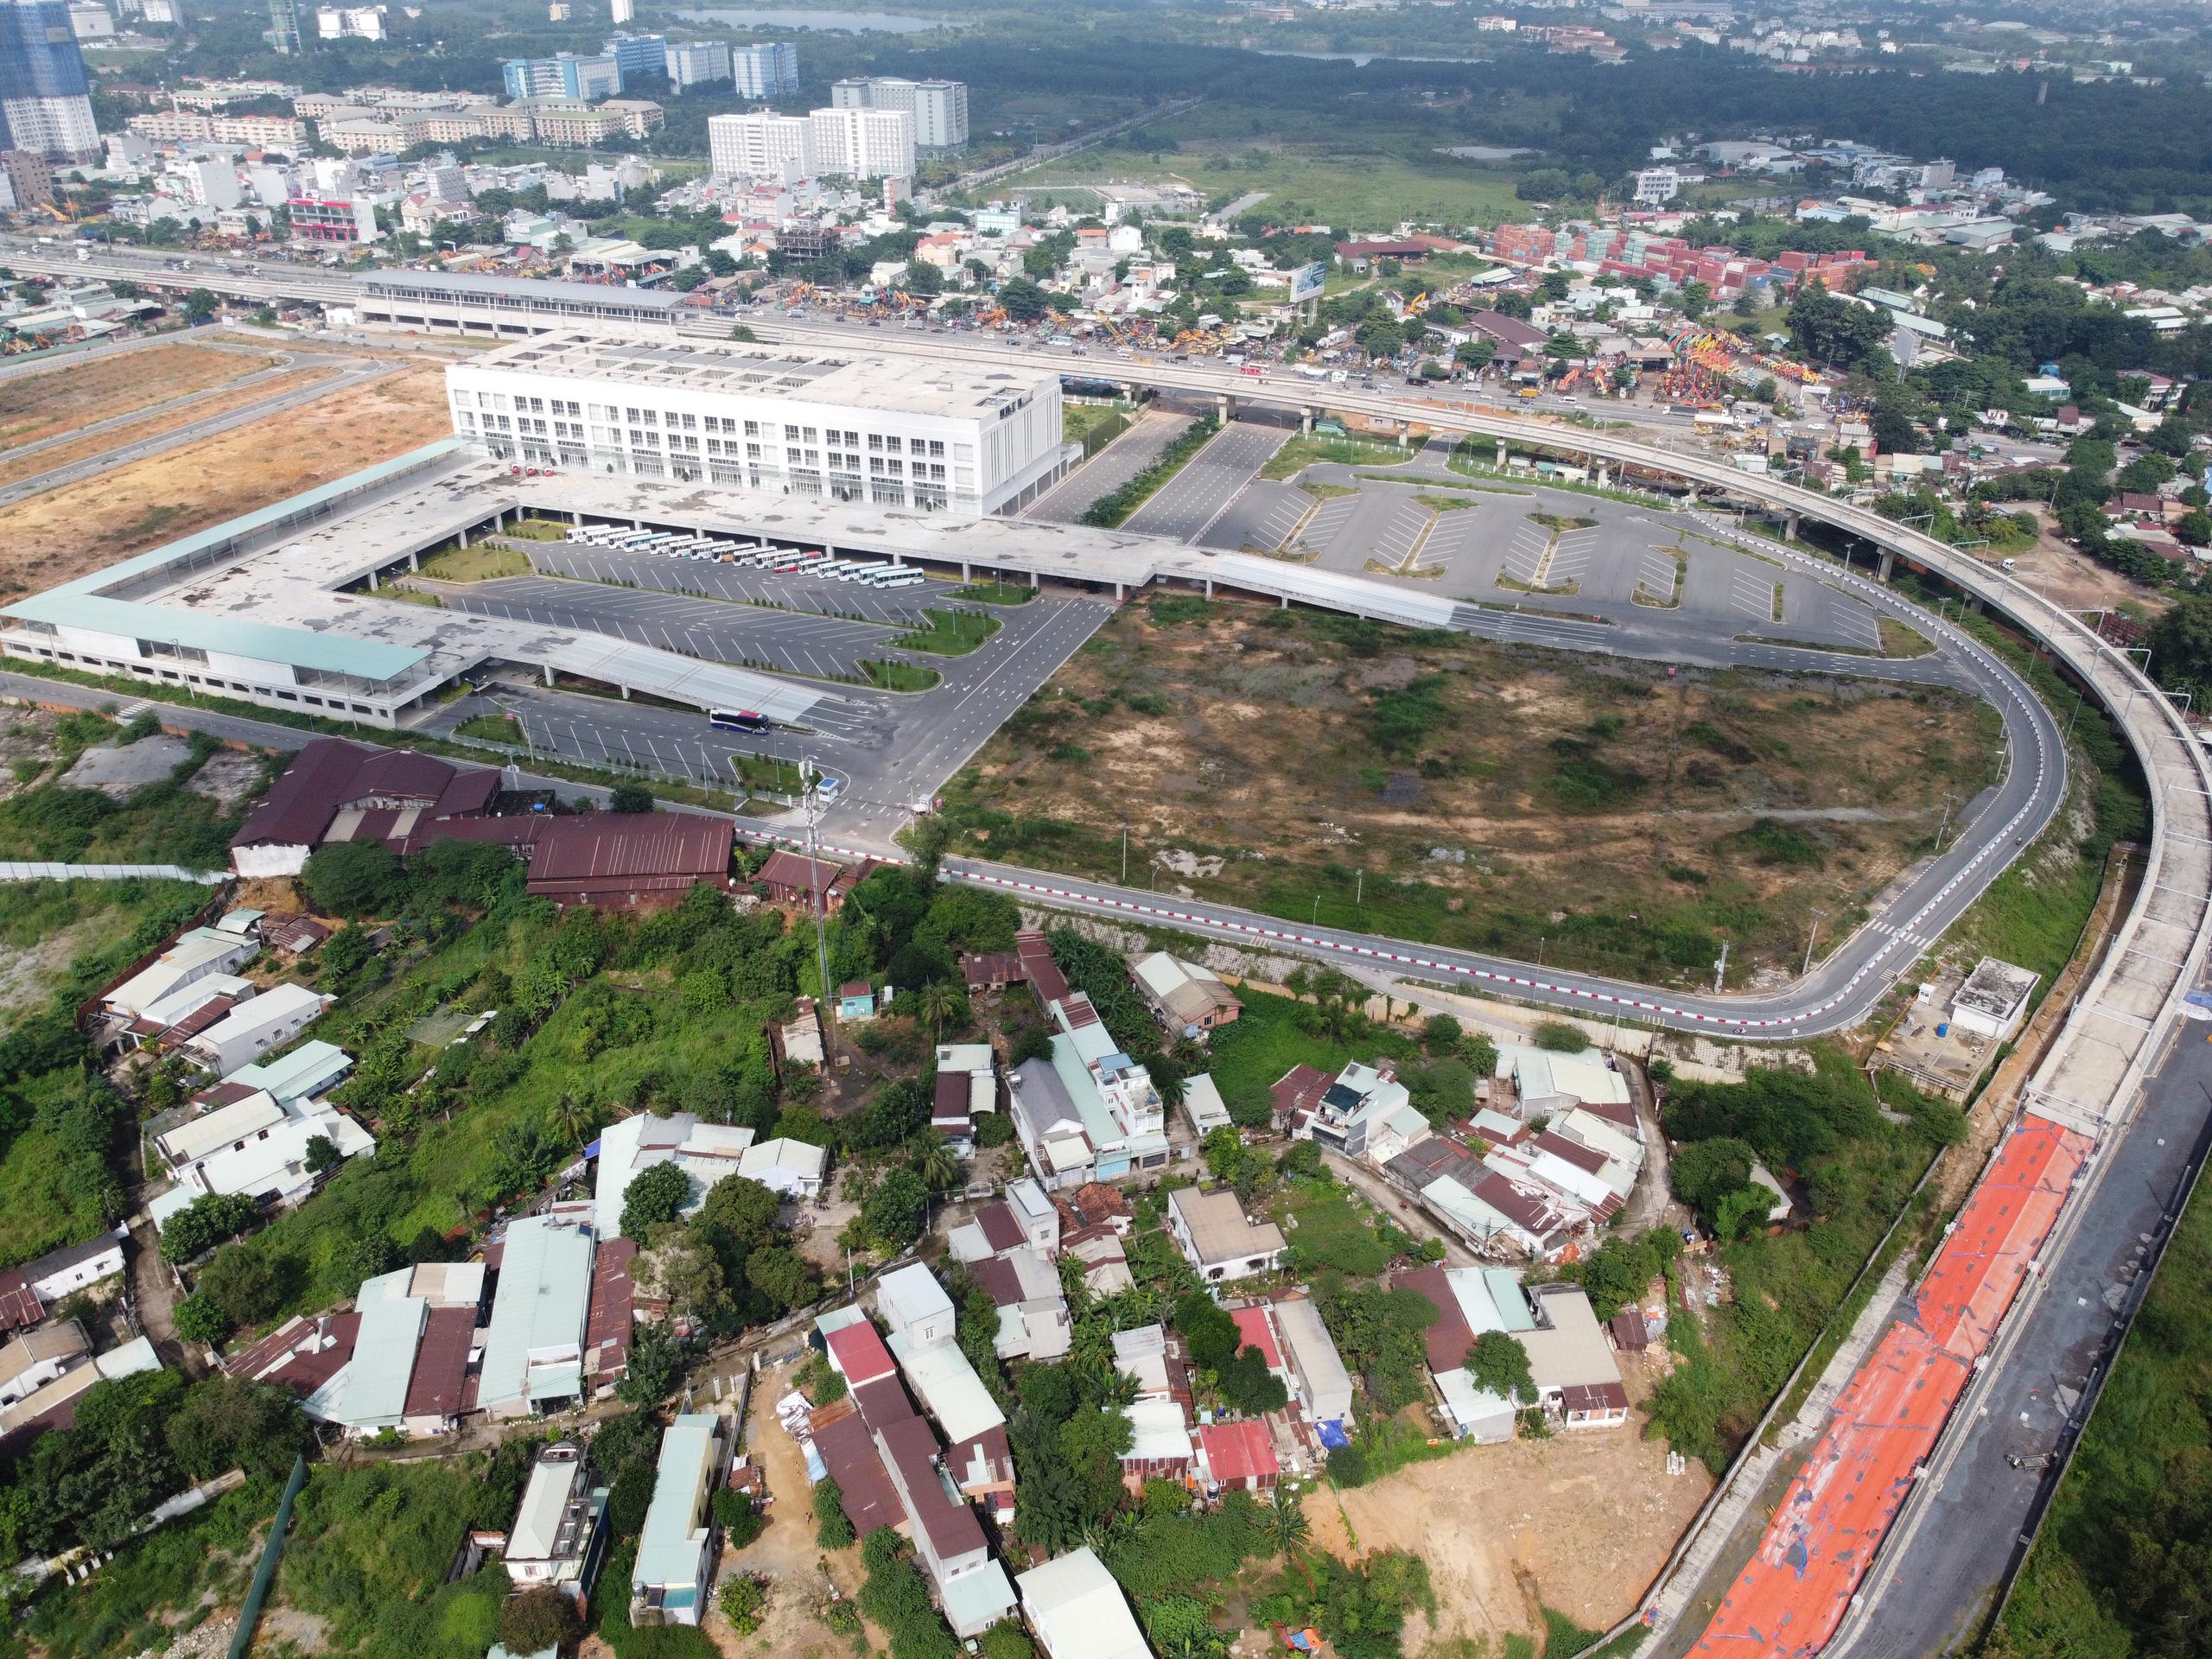 Cận cảnh tuyến đường sắt metro Bến Thành - Suối Tiên trước ngày đón đoàn tàu số 2 và 3 - Ảnh 11.